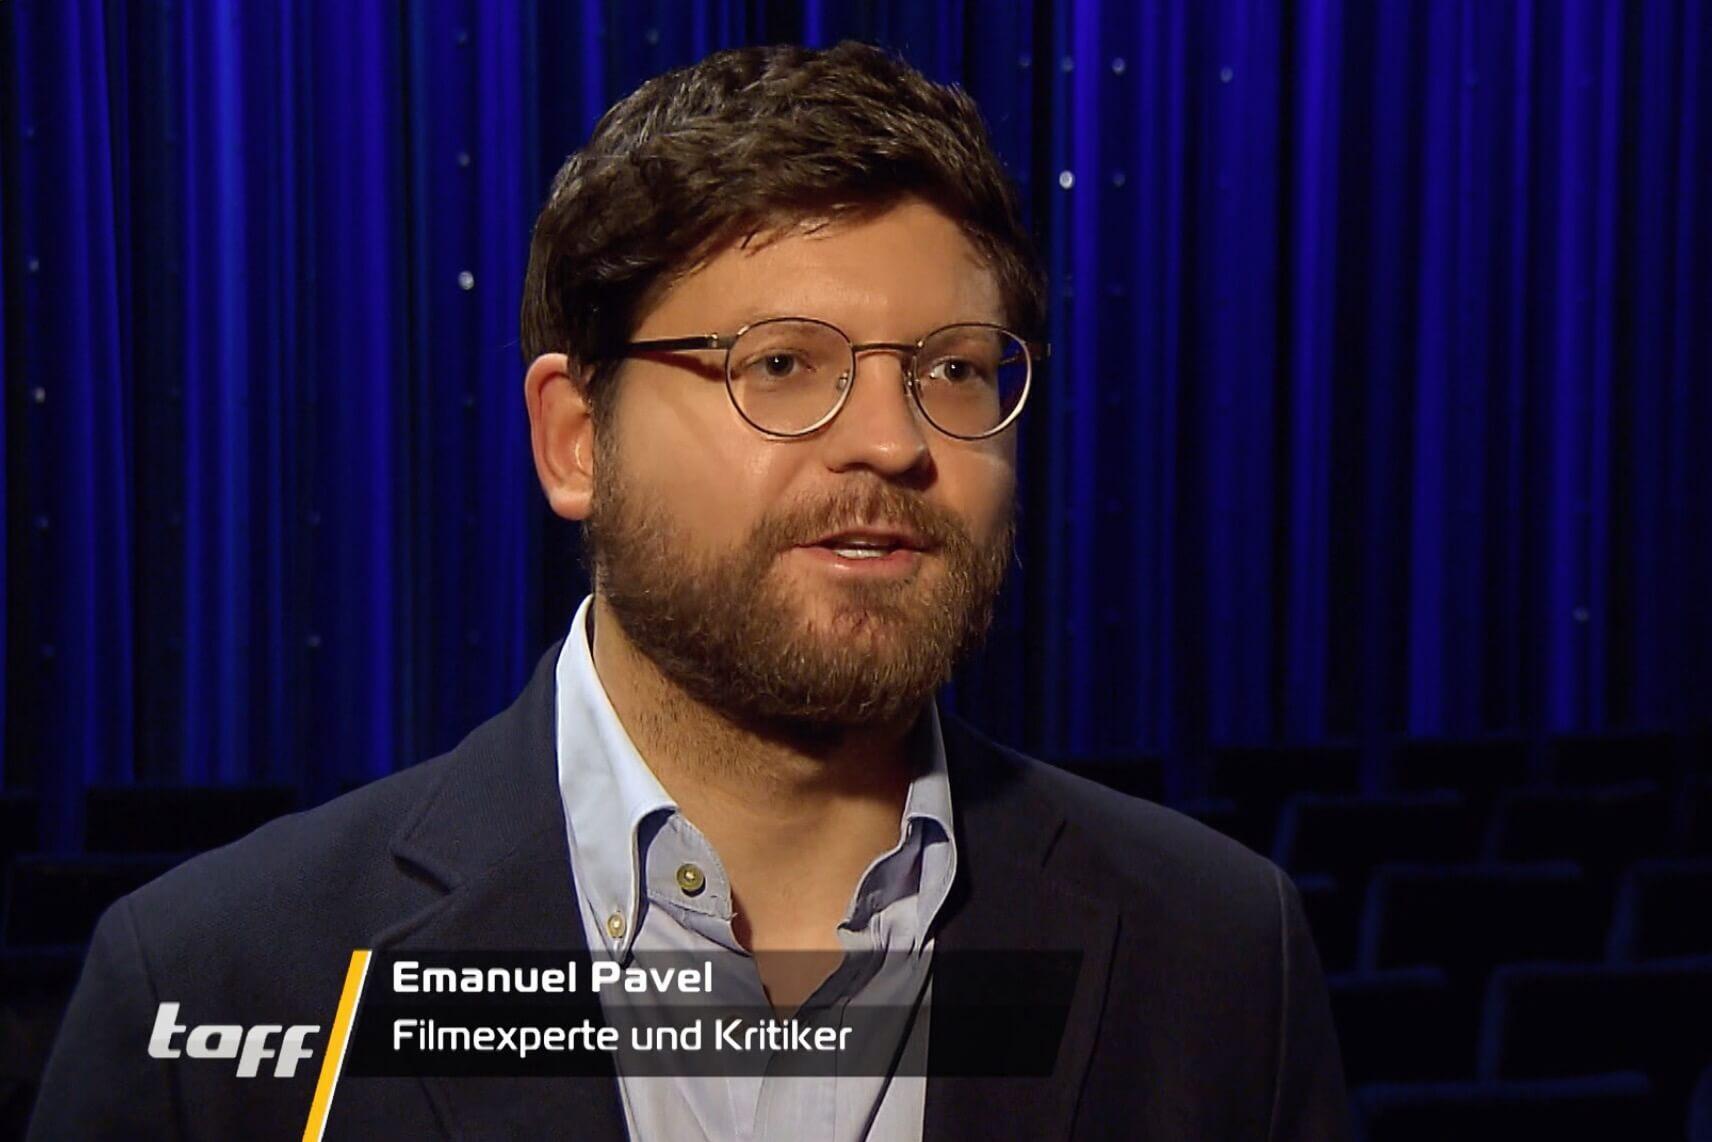 Filmexperte Emanuel Pavel bei Taff